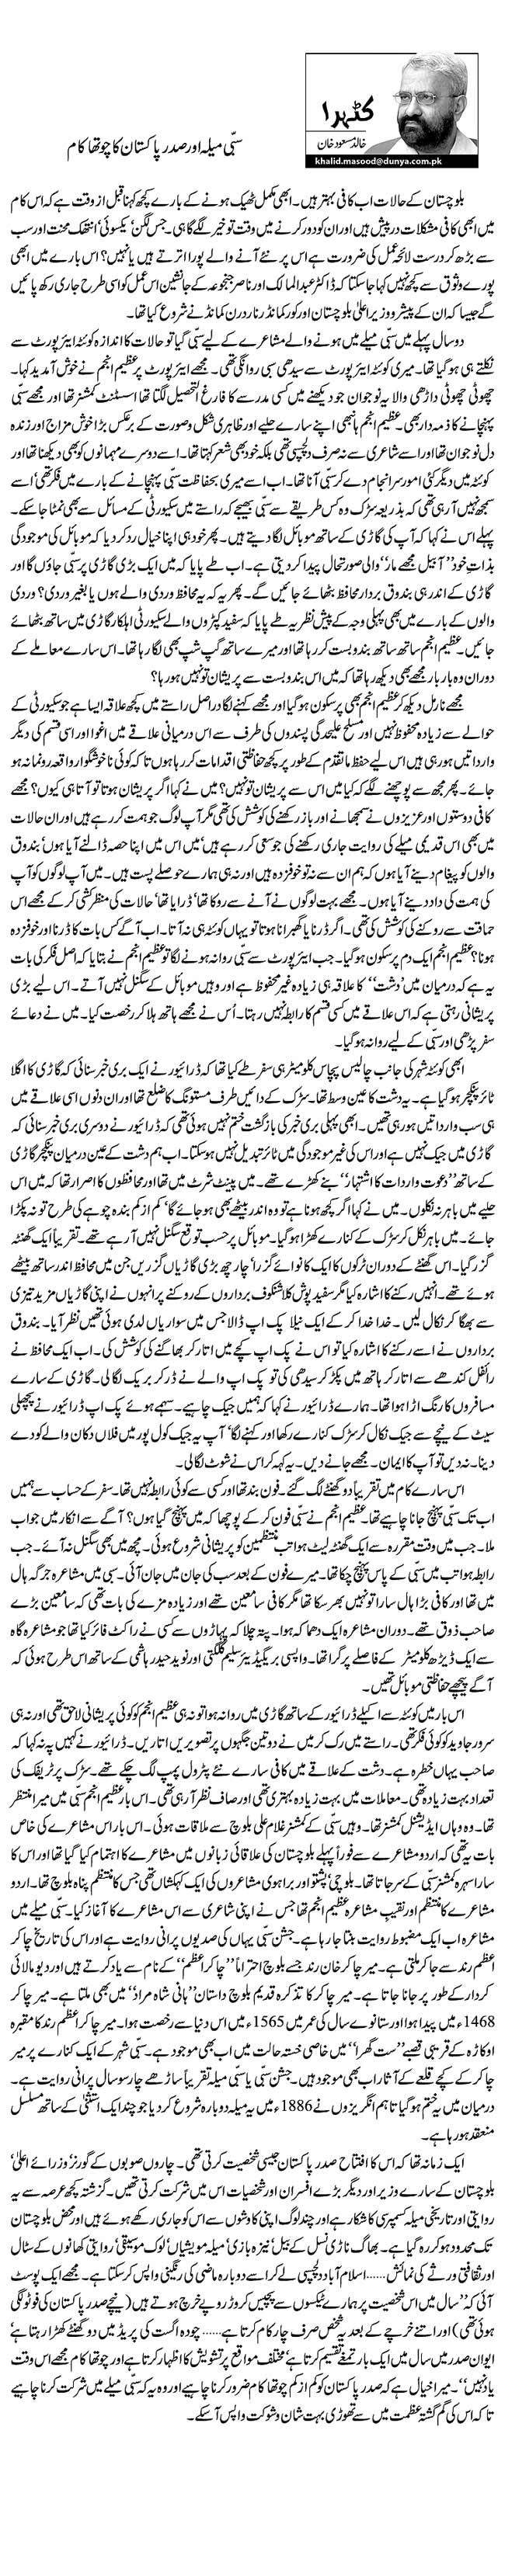 سبّی میلہ اور صدر پاکستان کا چوتھا کام